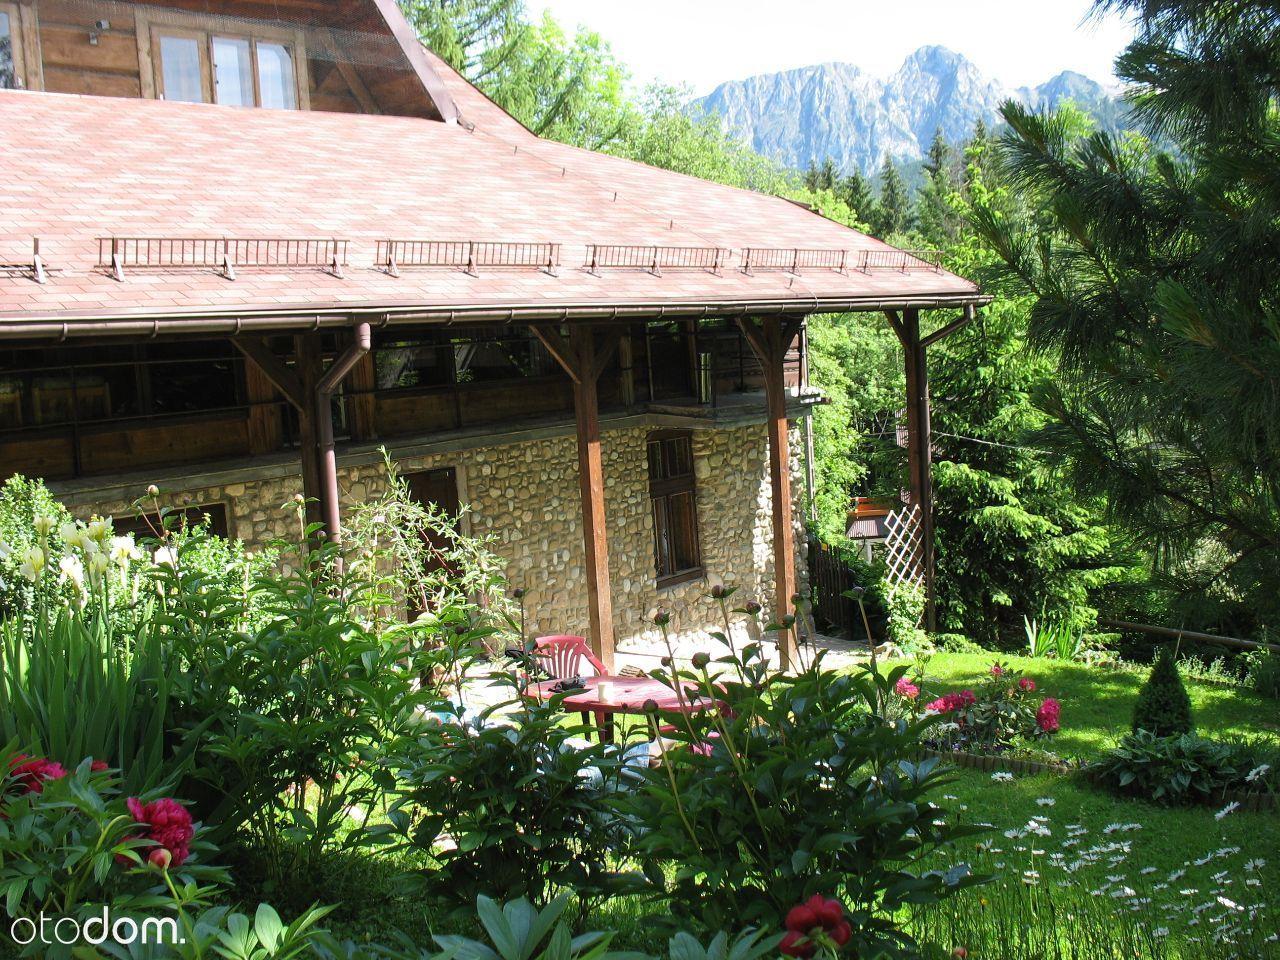 Kościelisko, popularny Dom Wypoczynkowy na 50 osób